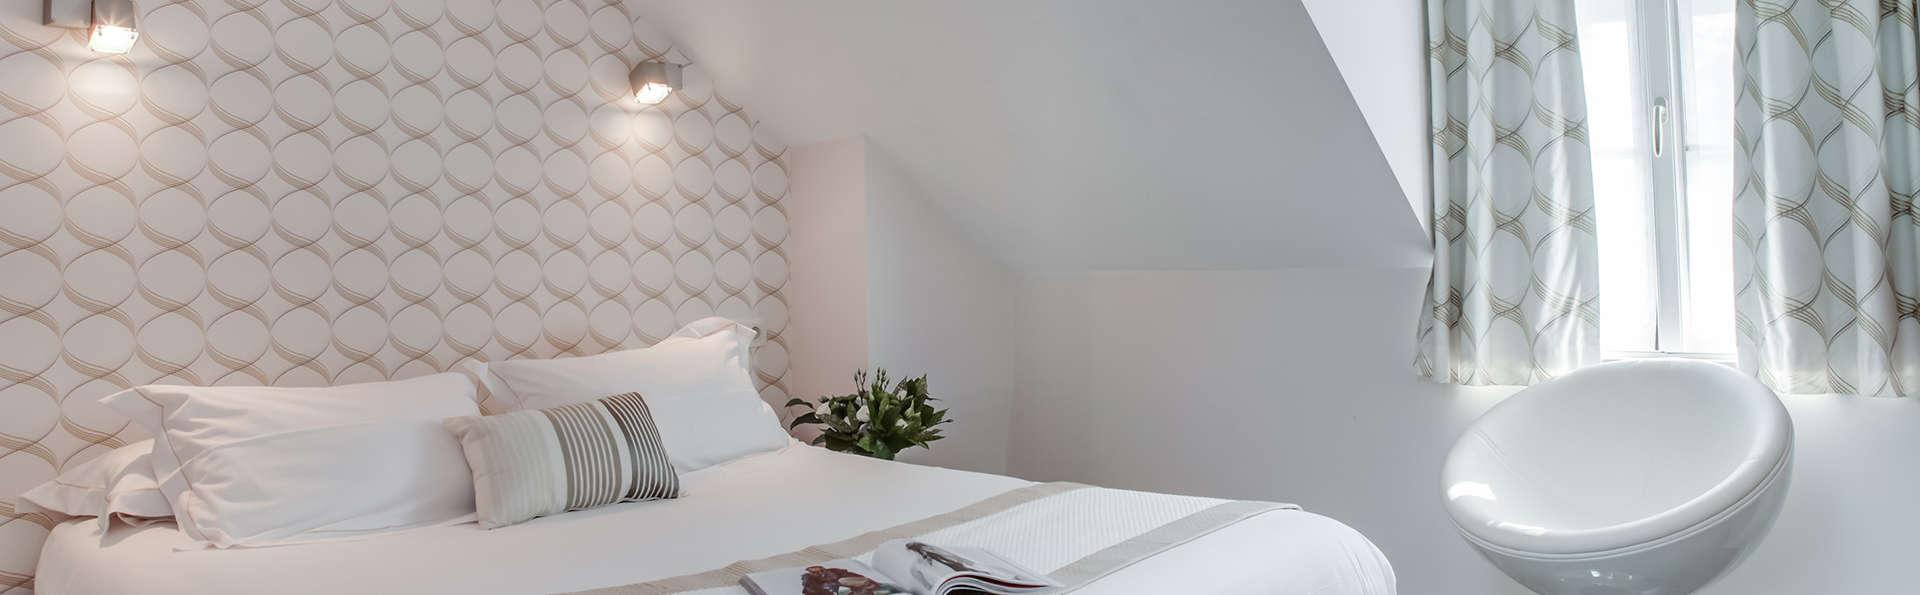 Week-end romantique en chambre privilège à Fontainebleau  (-30% de remise à partir de la 2ème nuit)